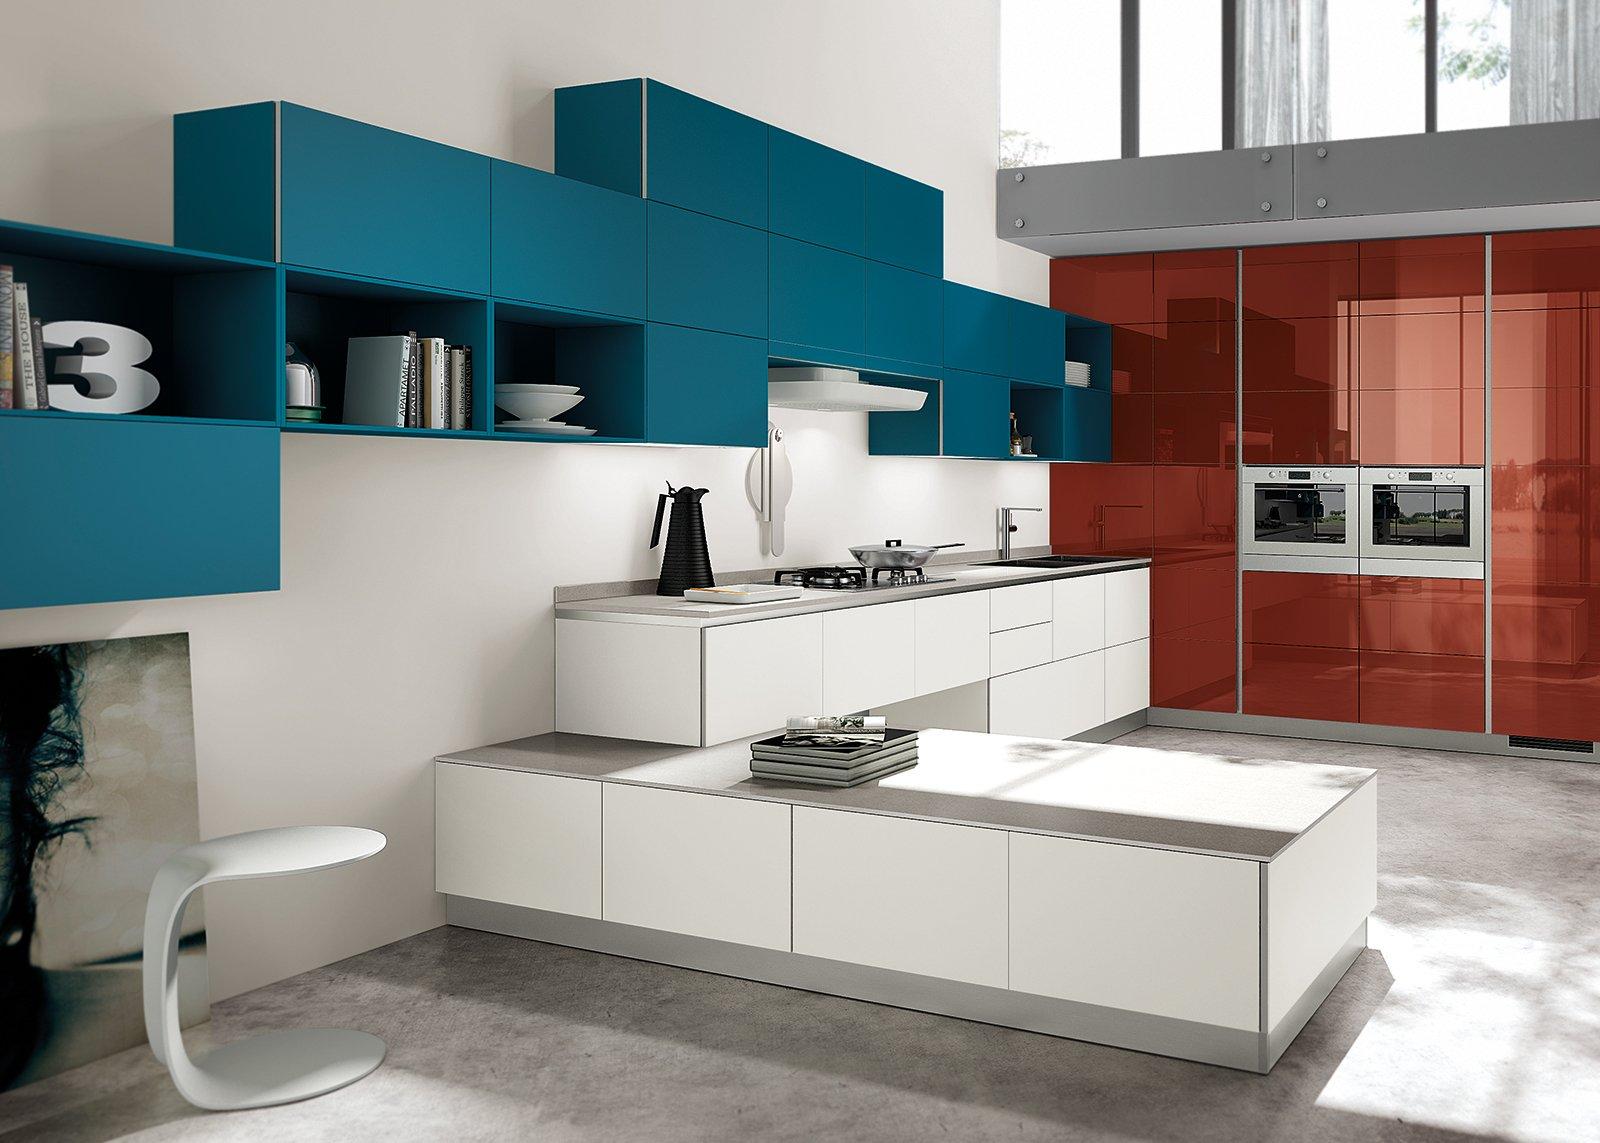 Scegliere la cucina con un tocco di rosso   cose di casa